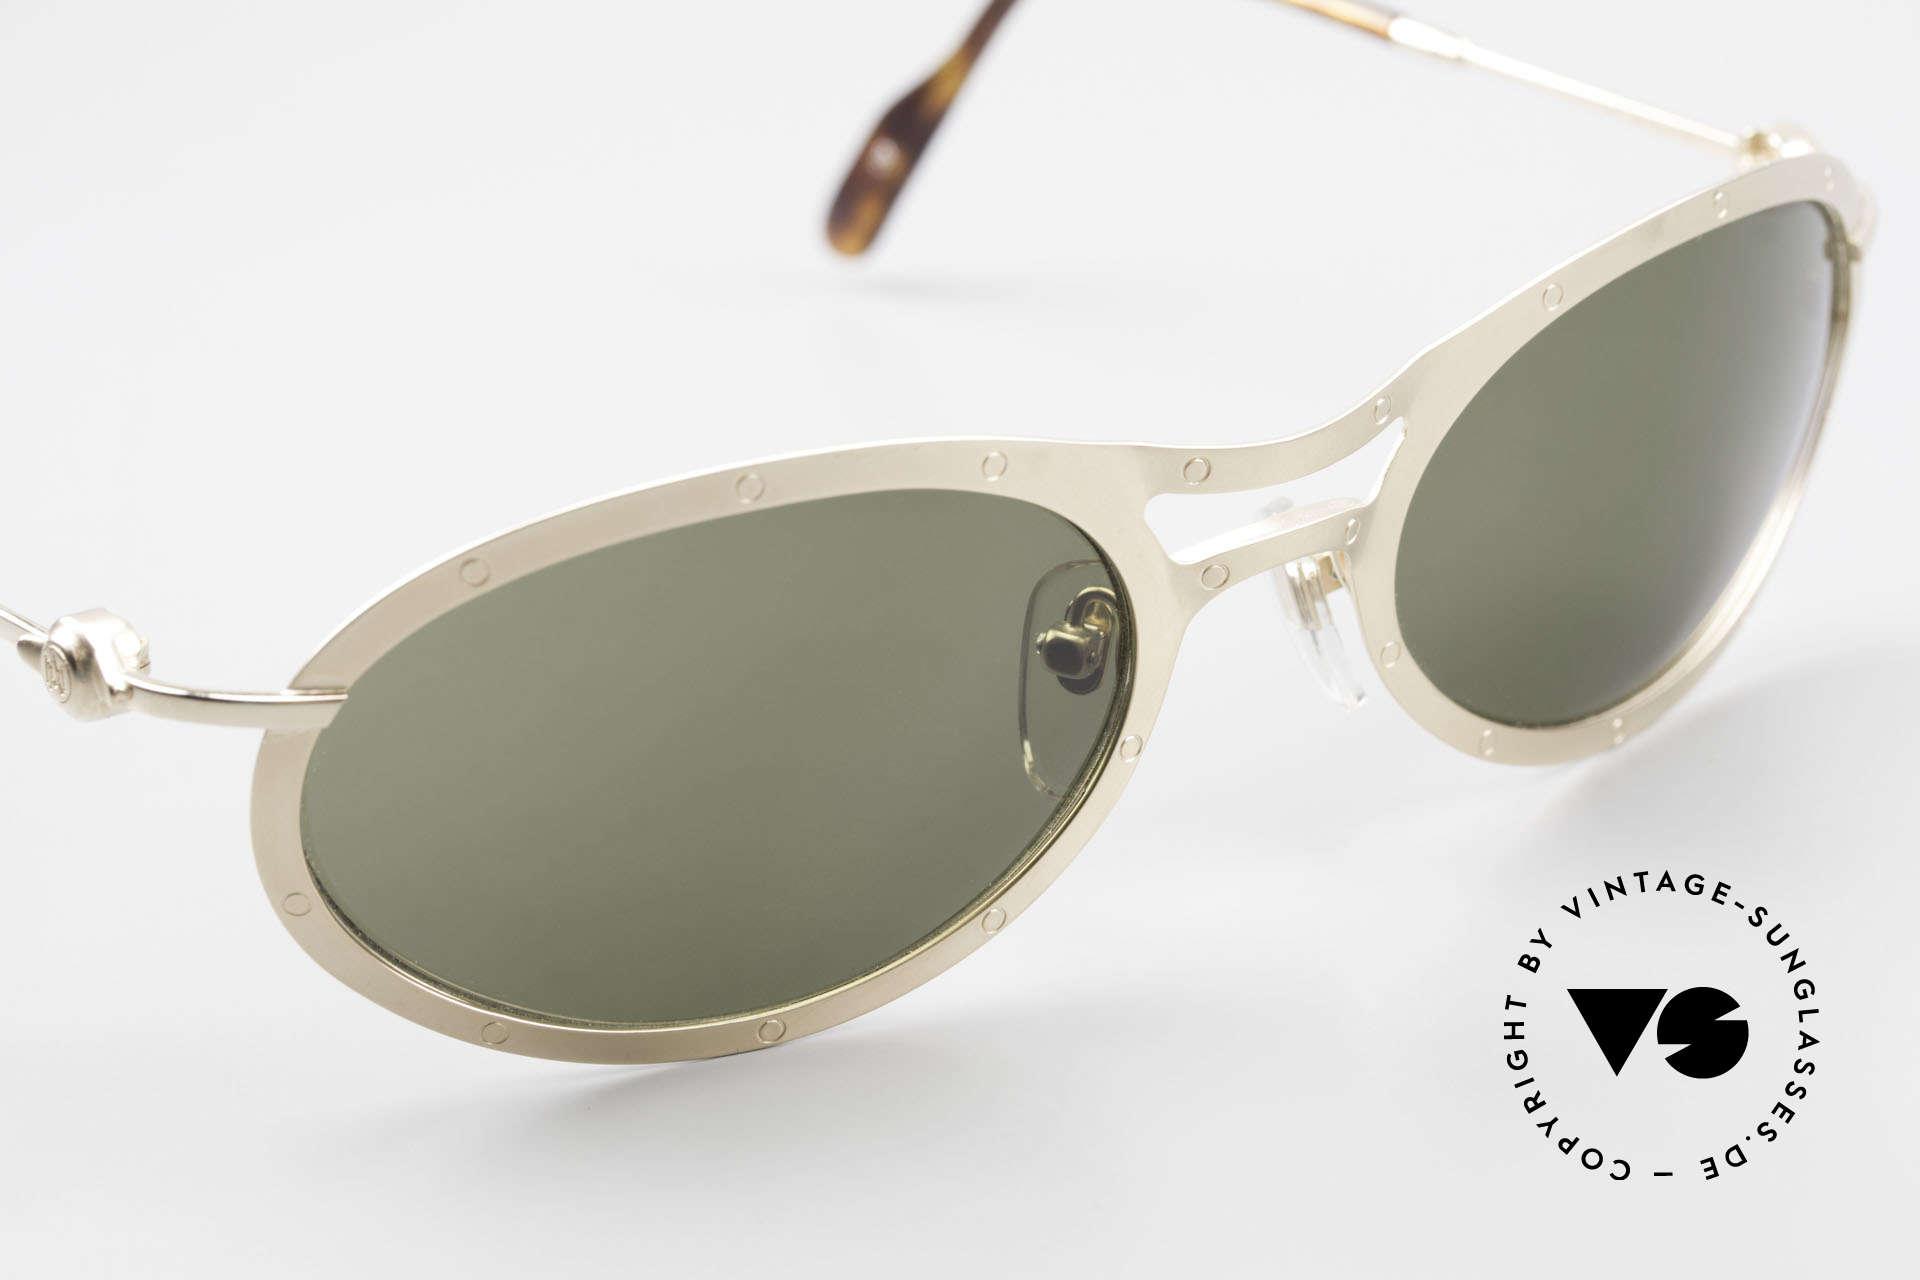 Aston Martin AM33 Sportliche Luxus Sonnenbrille, KEINE RETROdesign-Brille; ein 1990er Jahre ORIGINAL, Passend für Herren